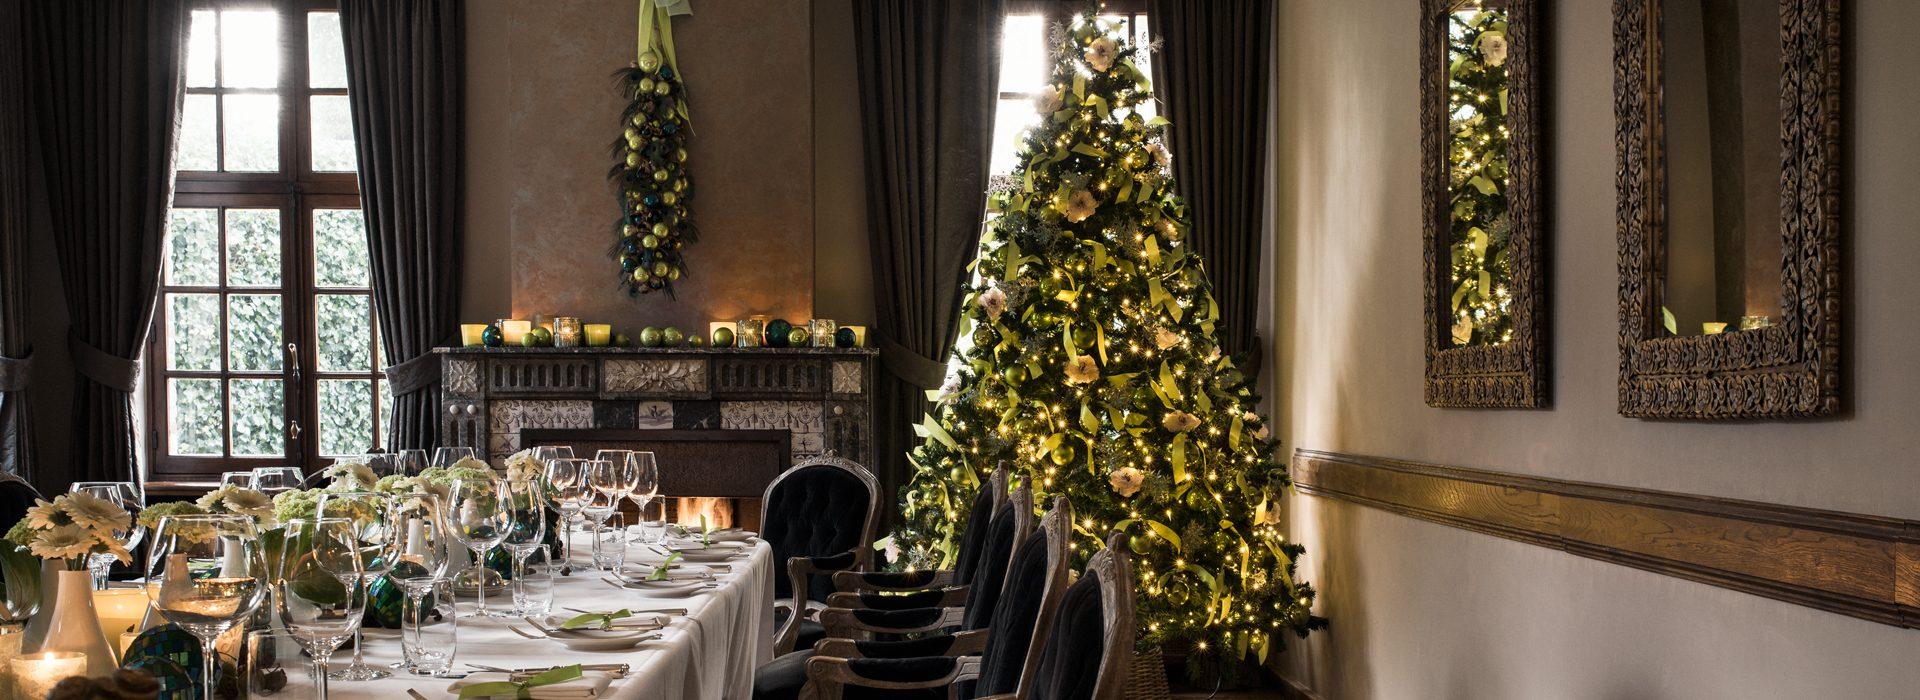 Hotelarrangementen Kerstmis & Nieuwjaar - Domaine La Butte aux Bois